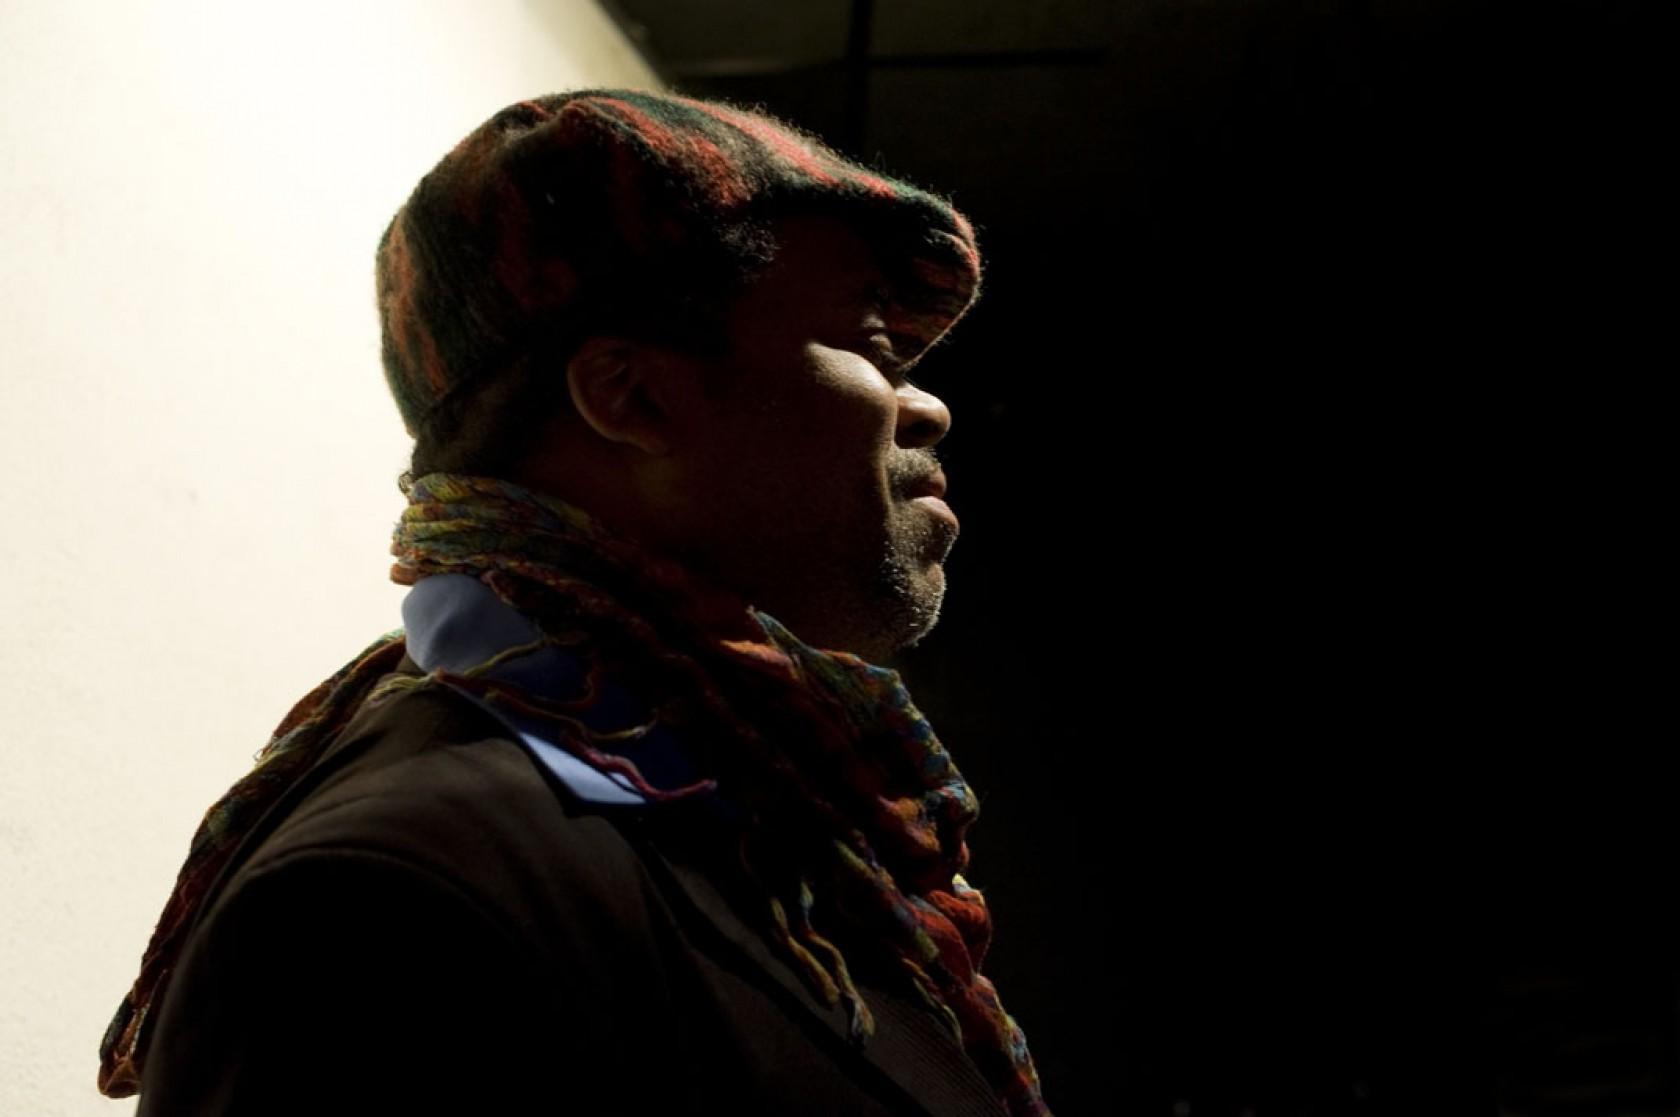 Greg Tate, photo by Petra Richterova